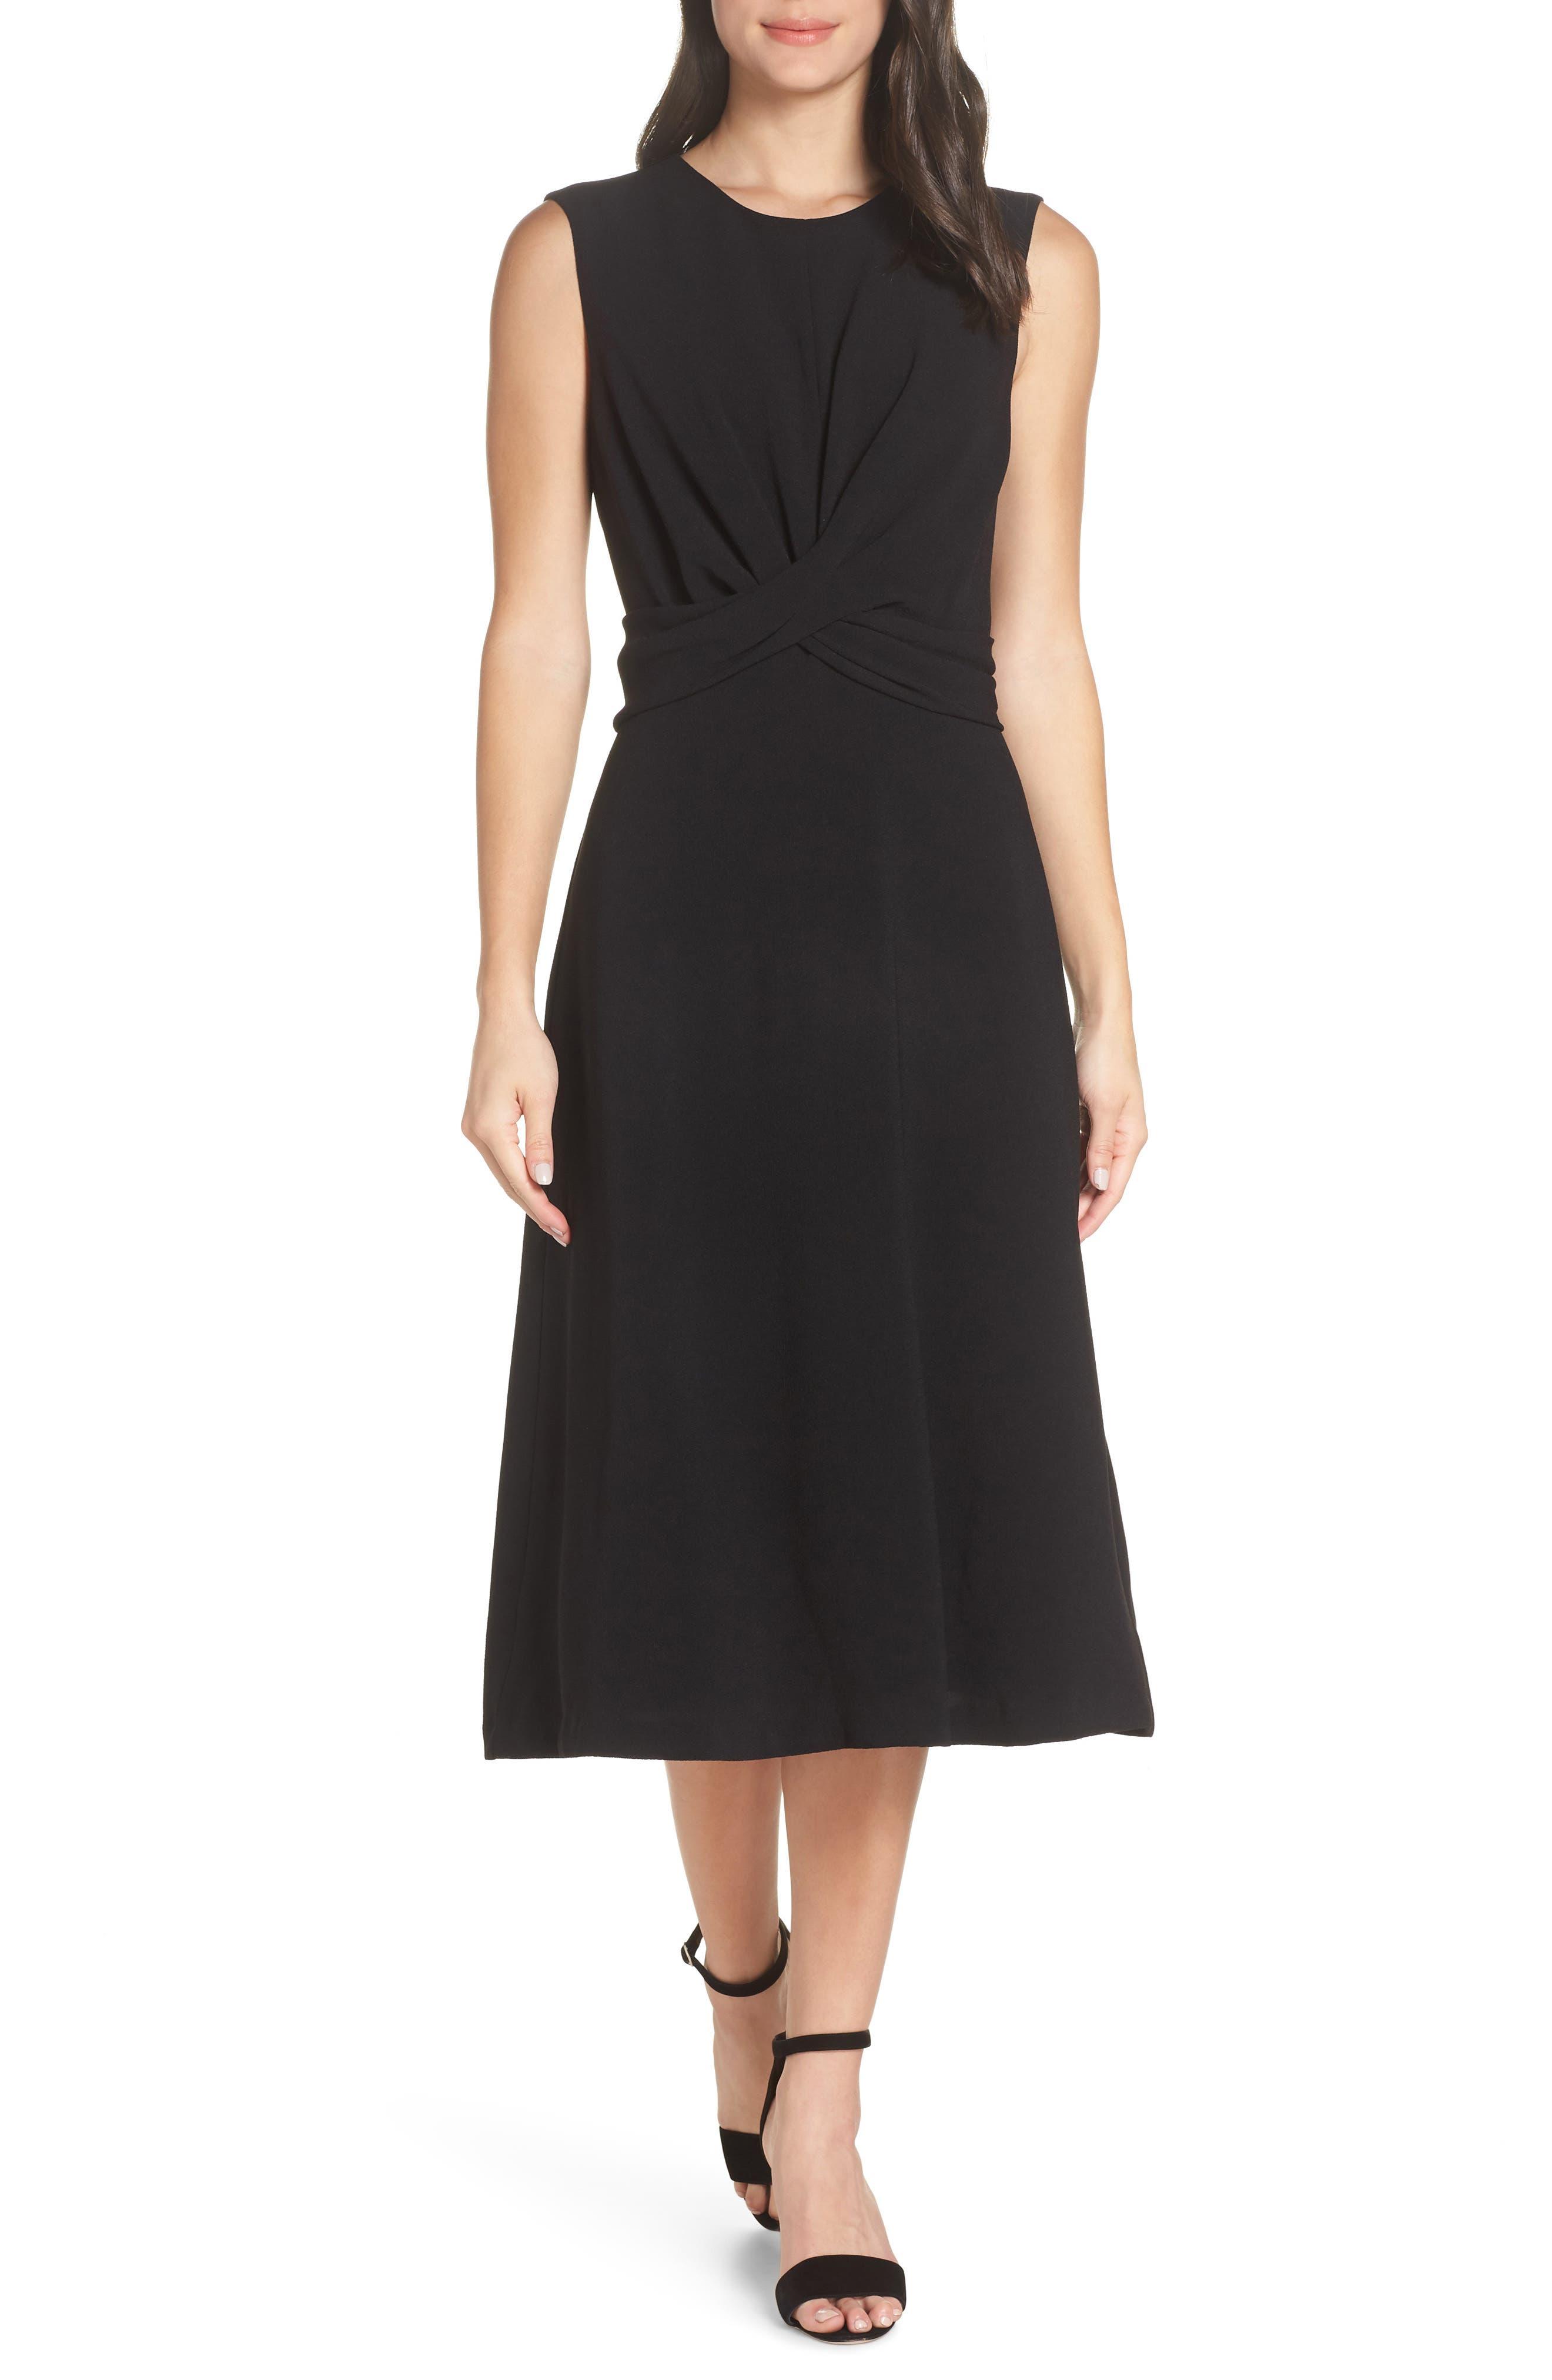 HARPER ROSE Sleeveless Cross Front Midi Dress, Main, color, 001